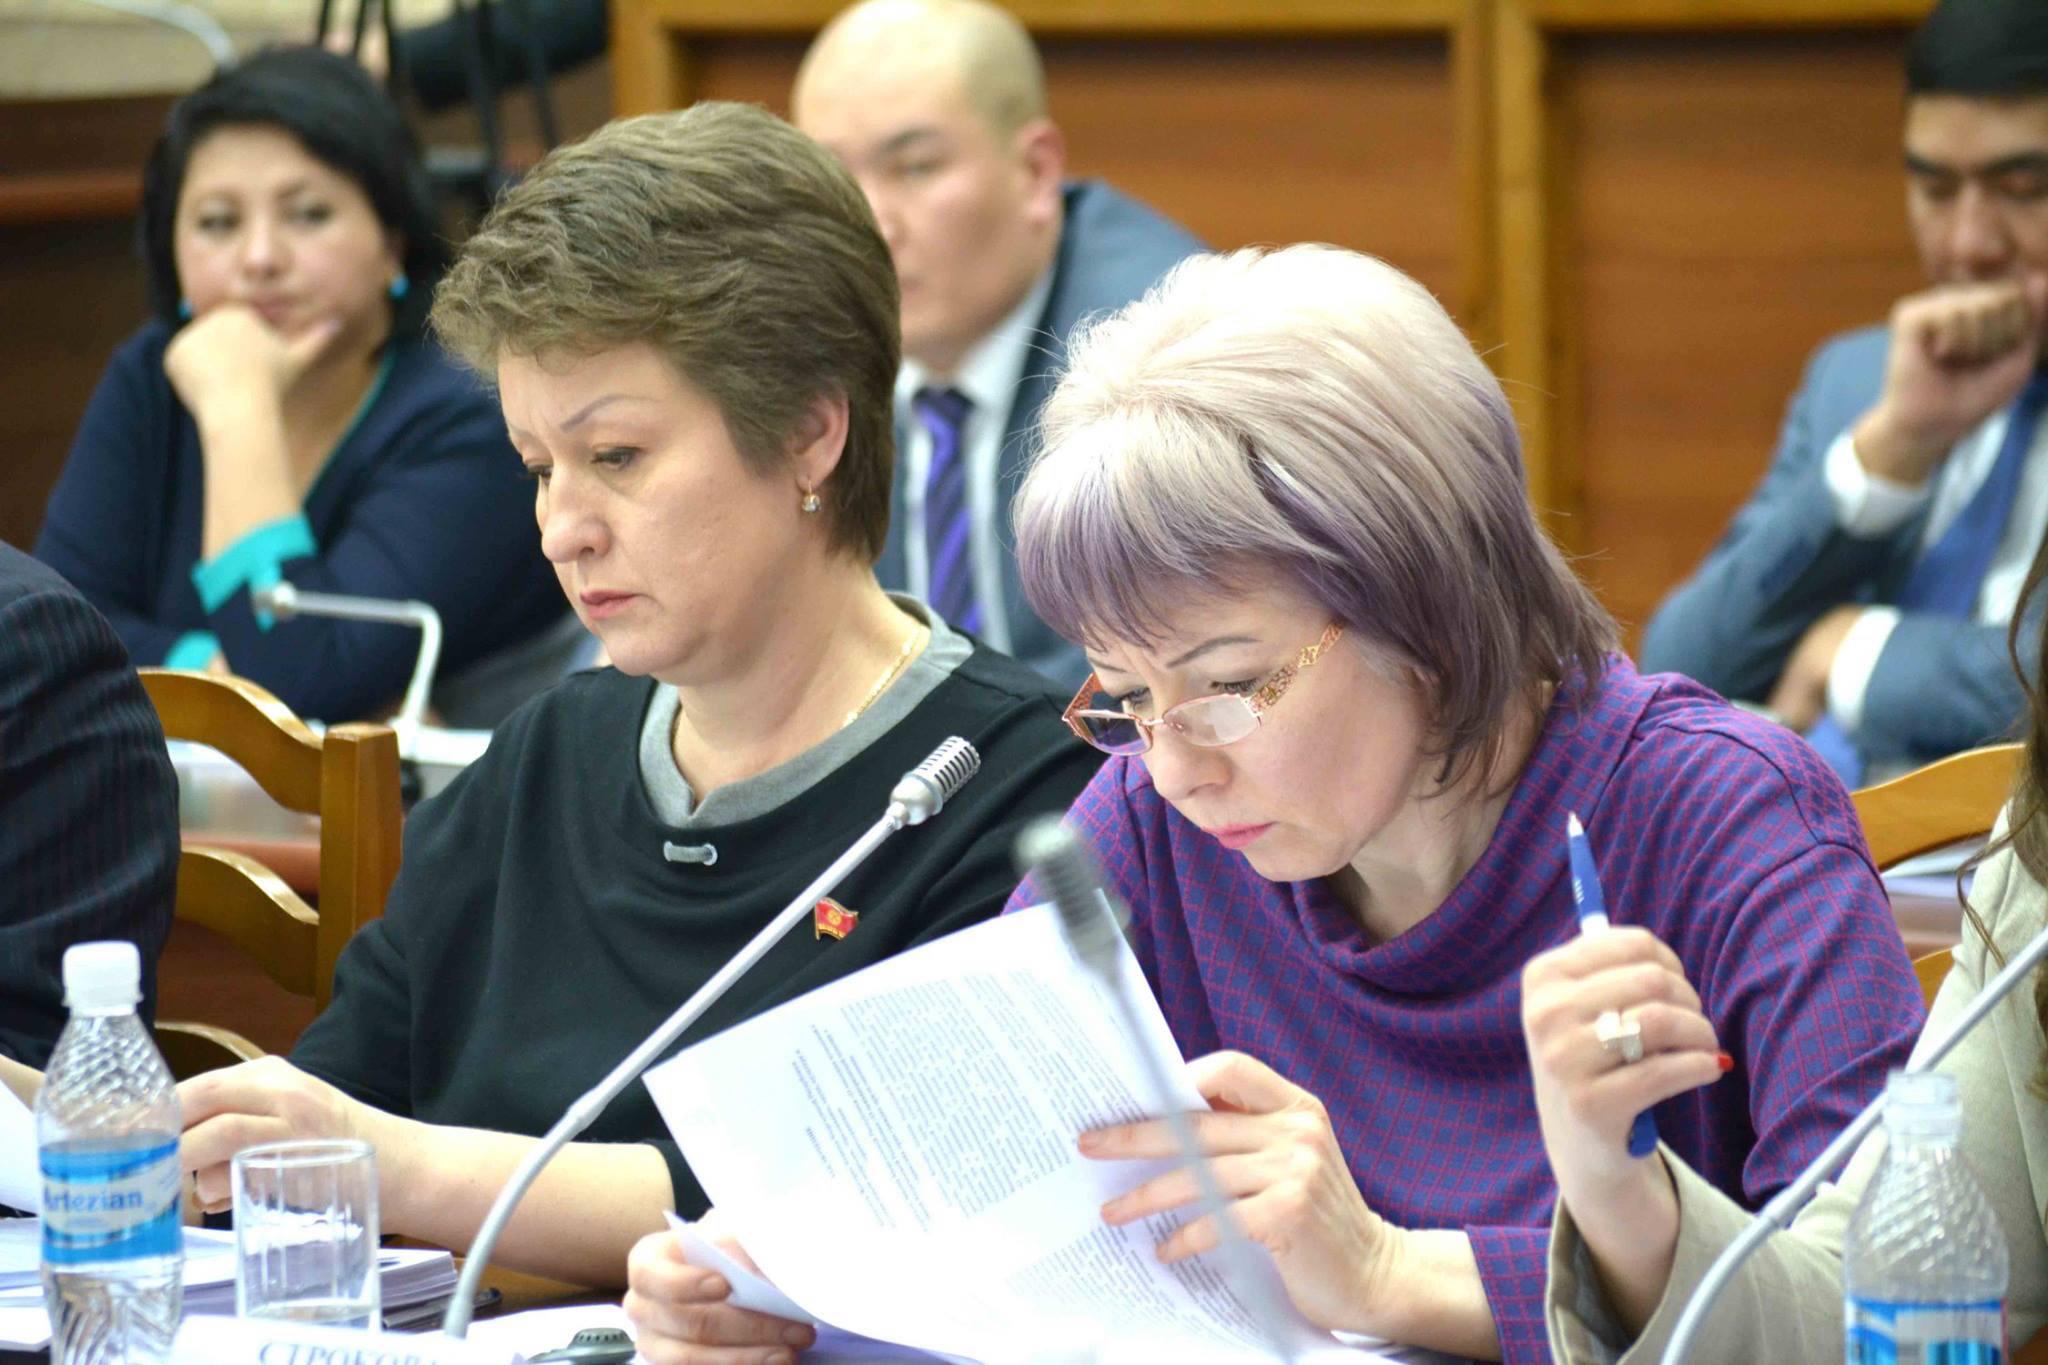 """Член парламента Евгения Строкова (справа) работает на заседании в Бишкеке в 2016 году. """"Необходимо уделять больше внимания повышению качества образования в школах и университетах"""", - сказала она """"Каравансараю"""". [Парламент Кыргызстана]"""